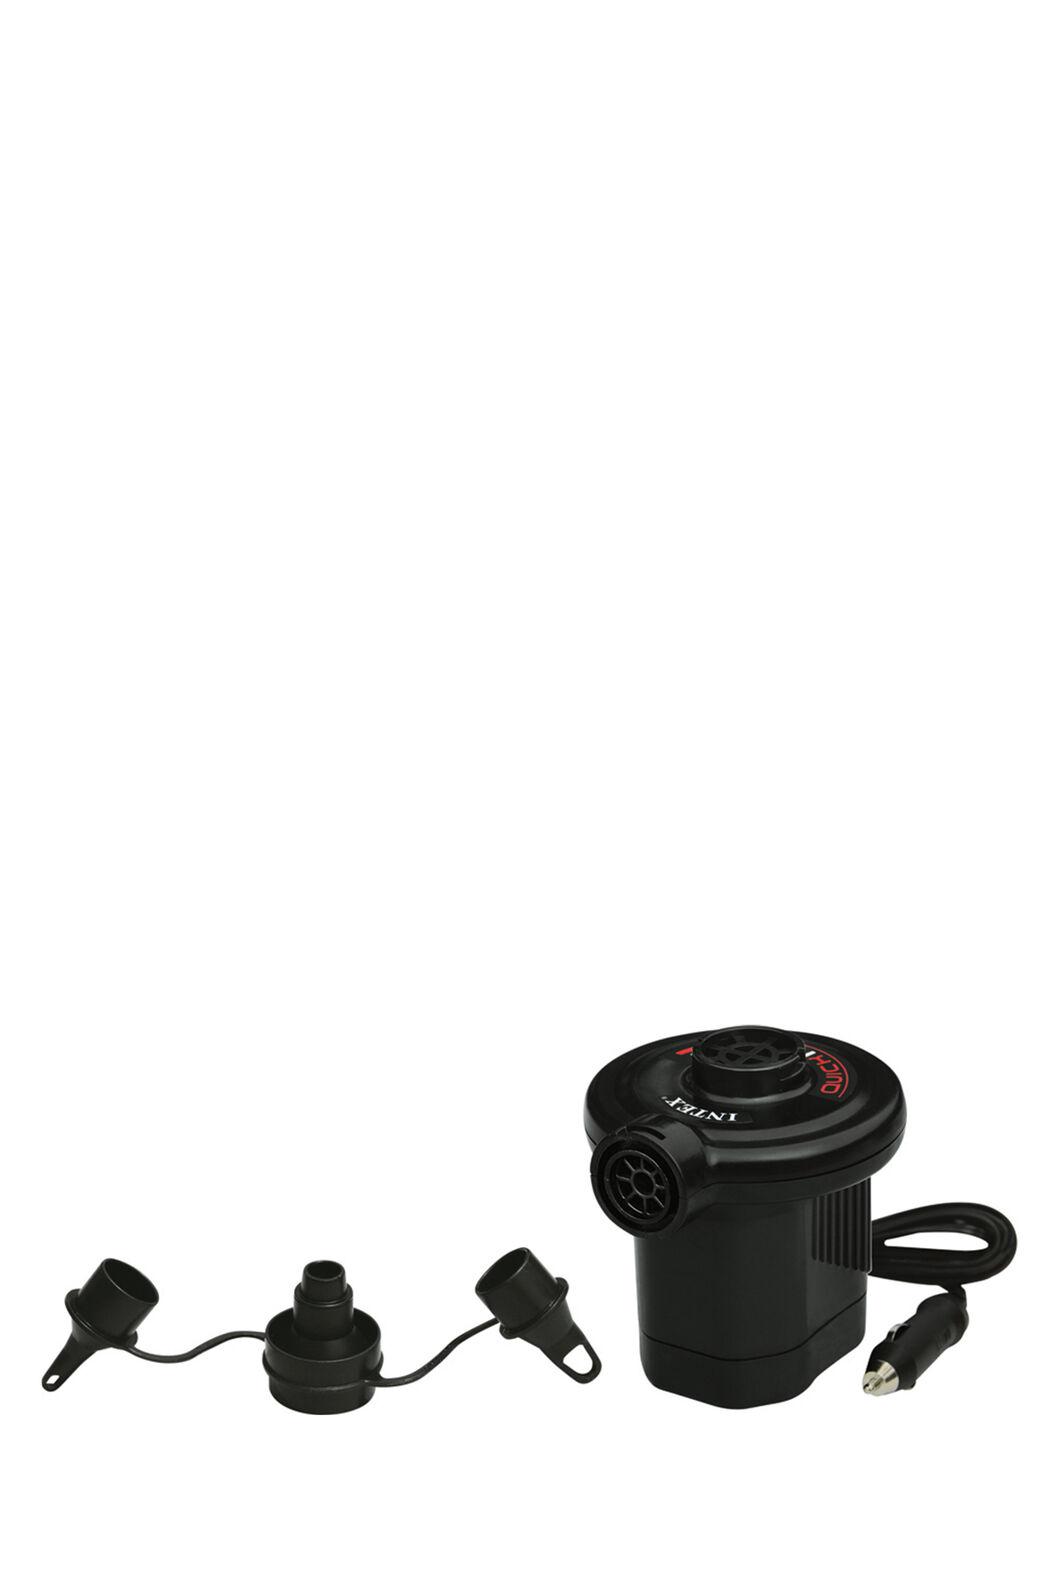 IntexV Quickfill Electric Pump, None, hi-res